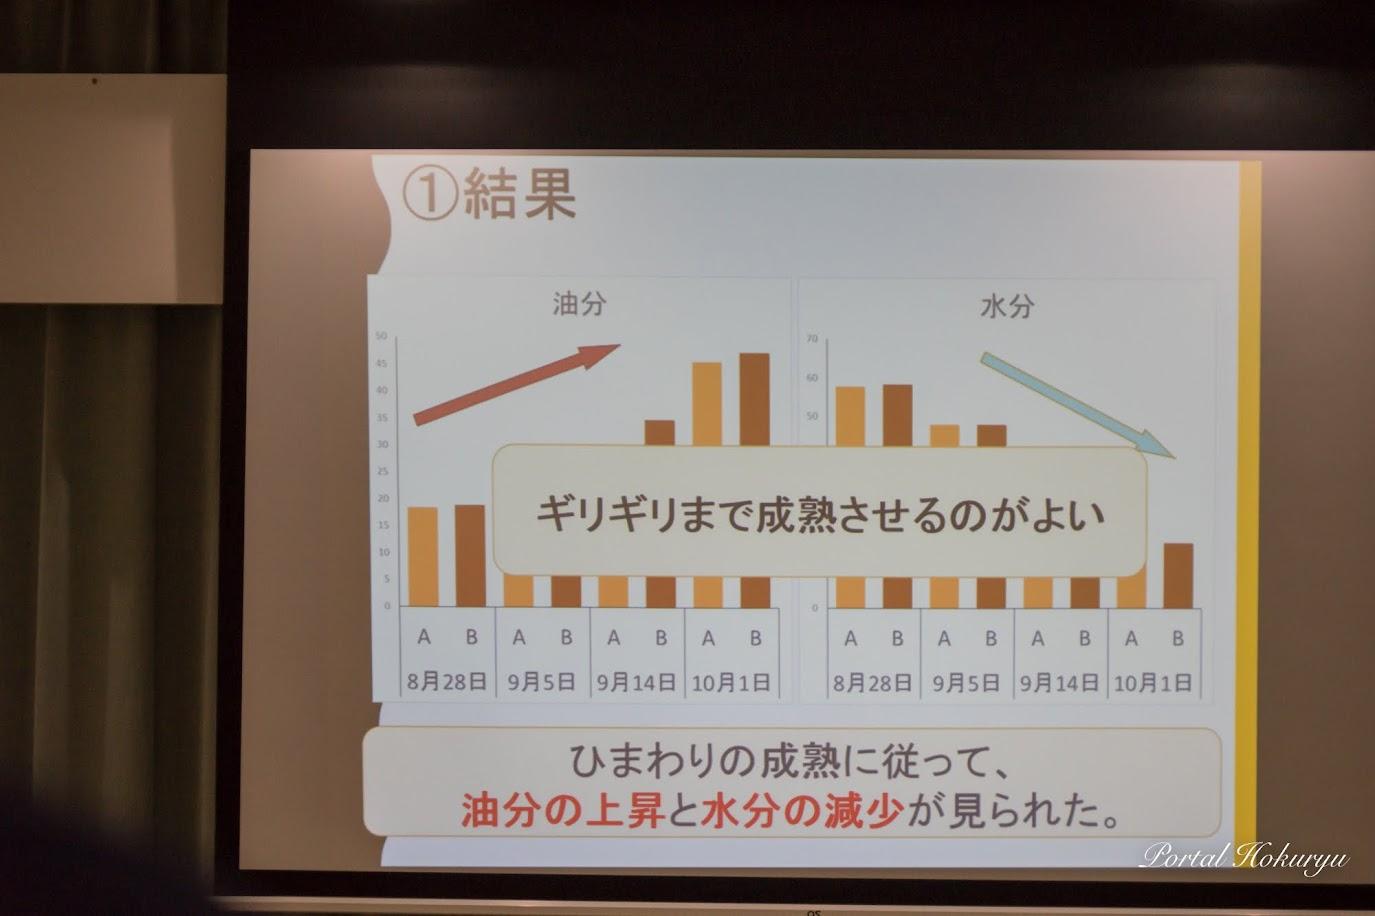 ひまわりの成熟に従って油分の上昇と水分の減少が見られた